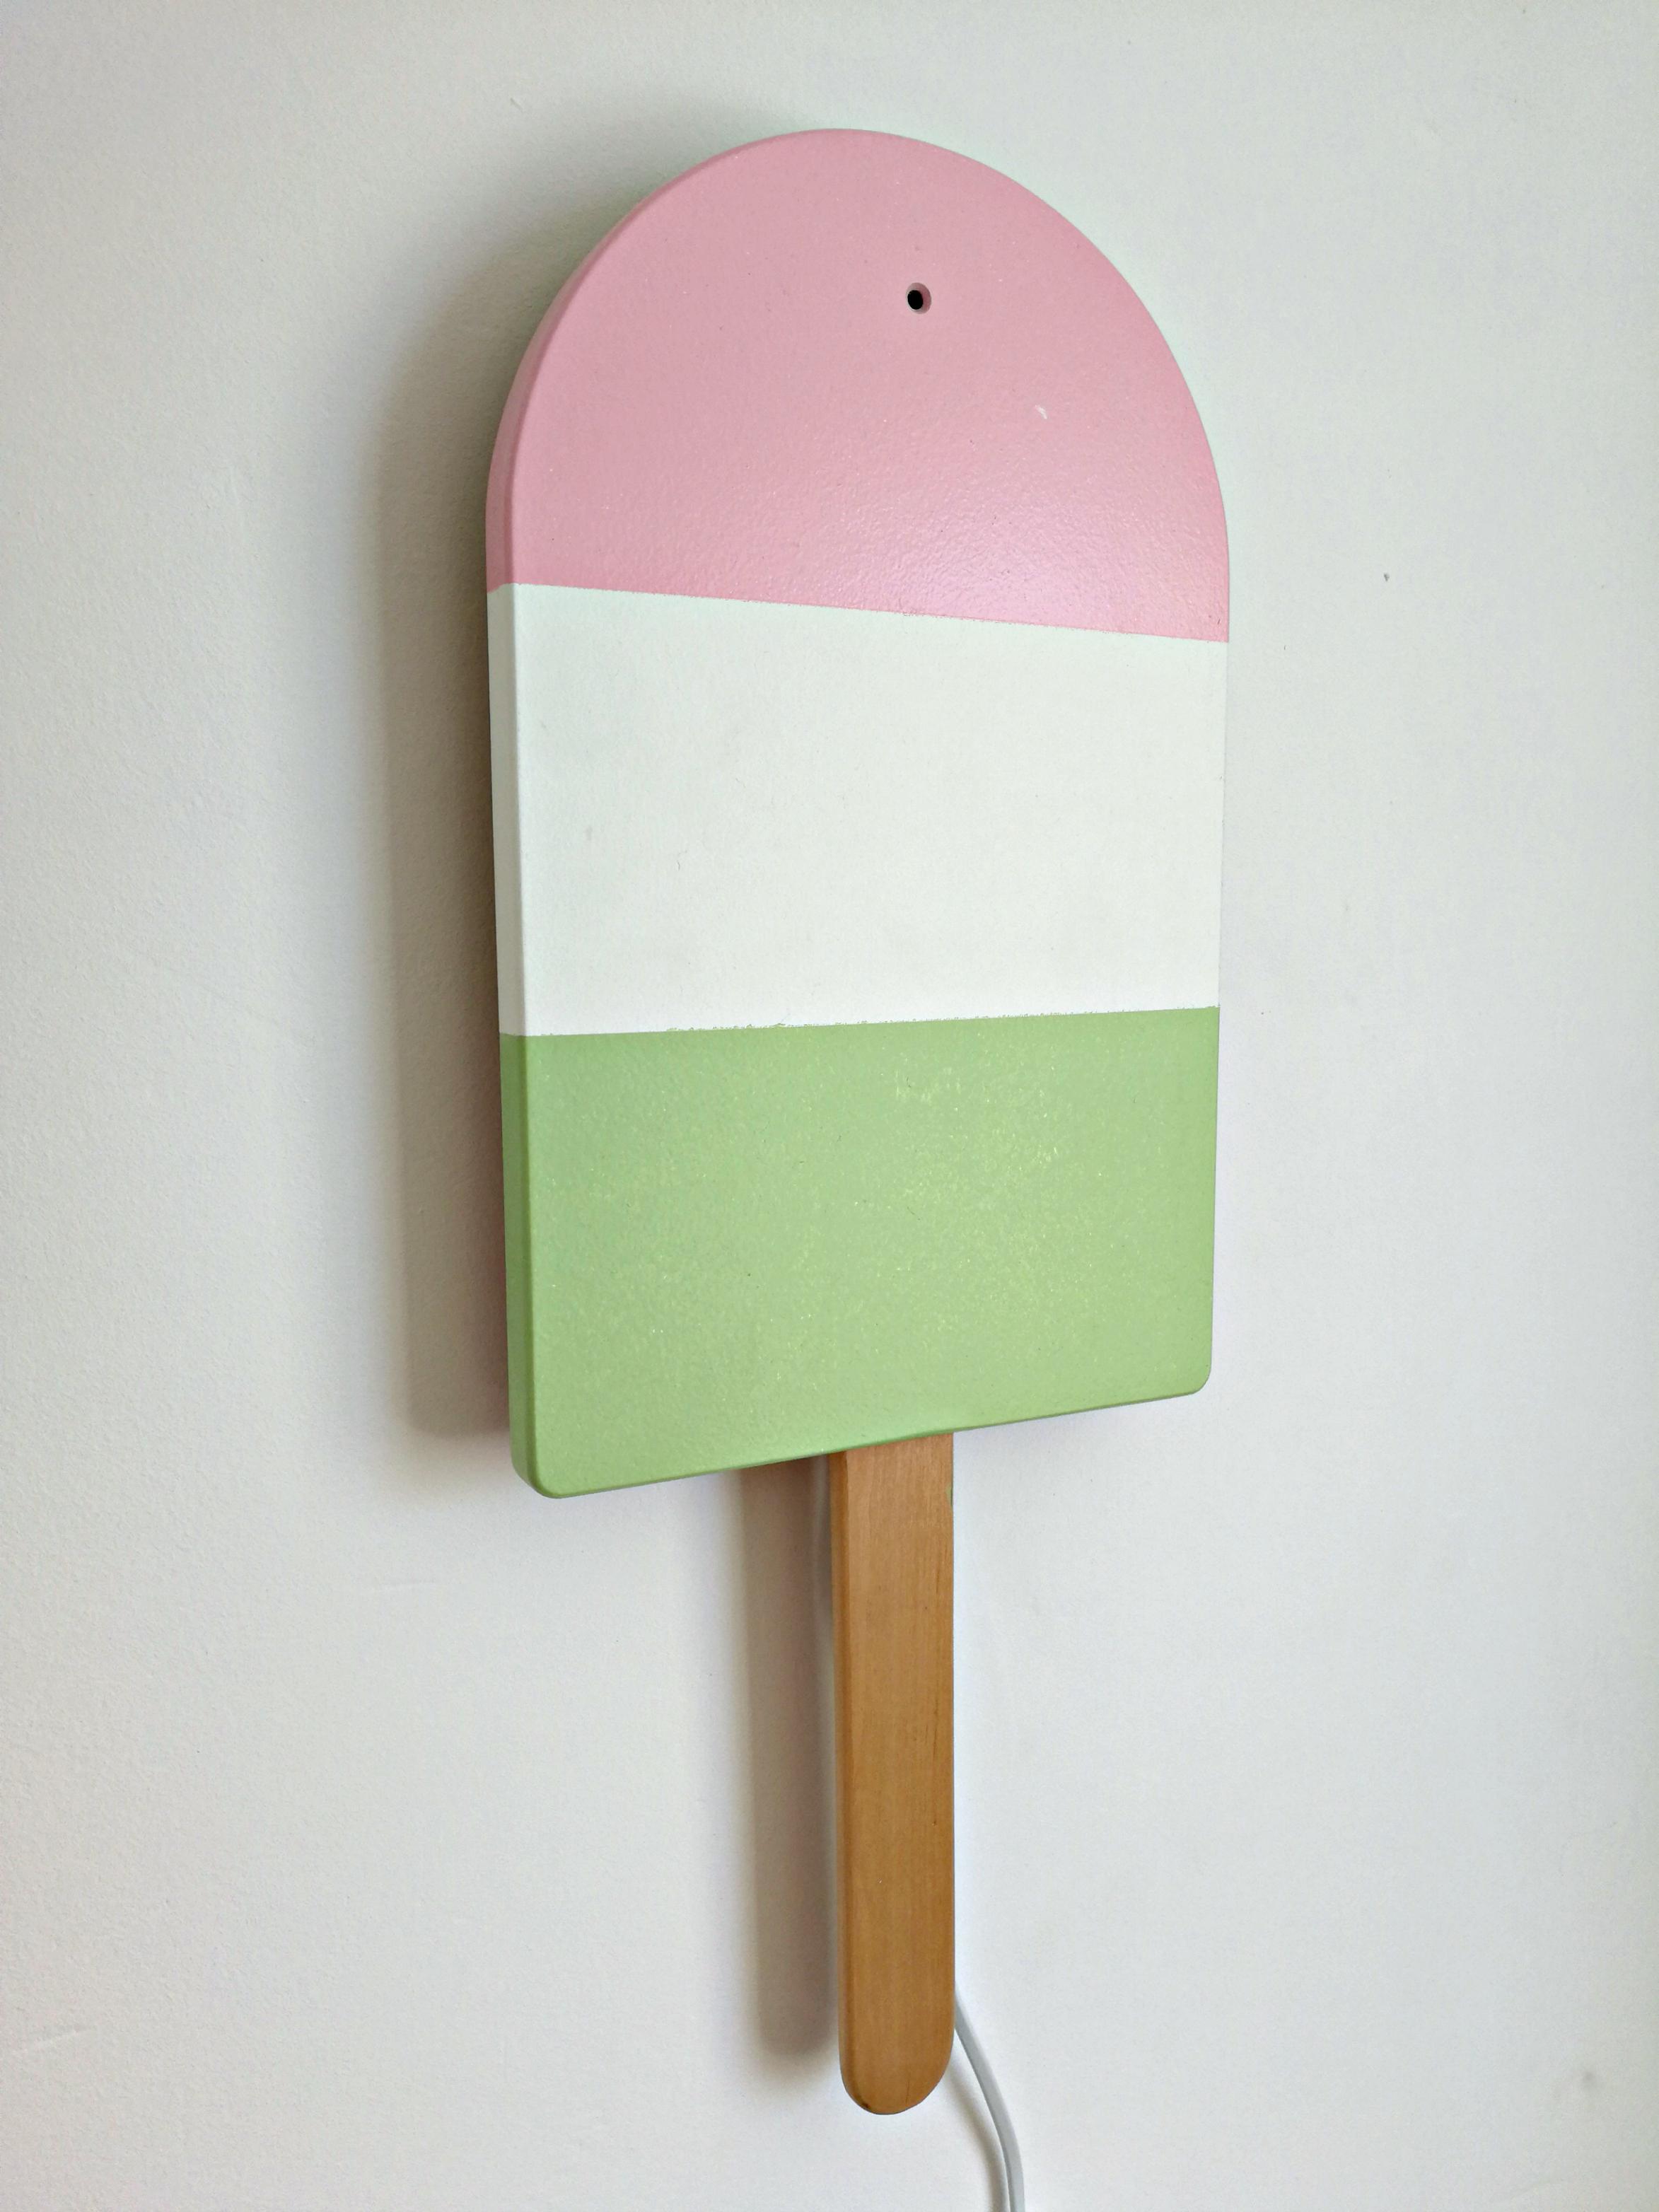 Tikkurila_lampka_na_sciane_DIY